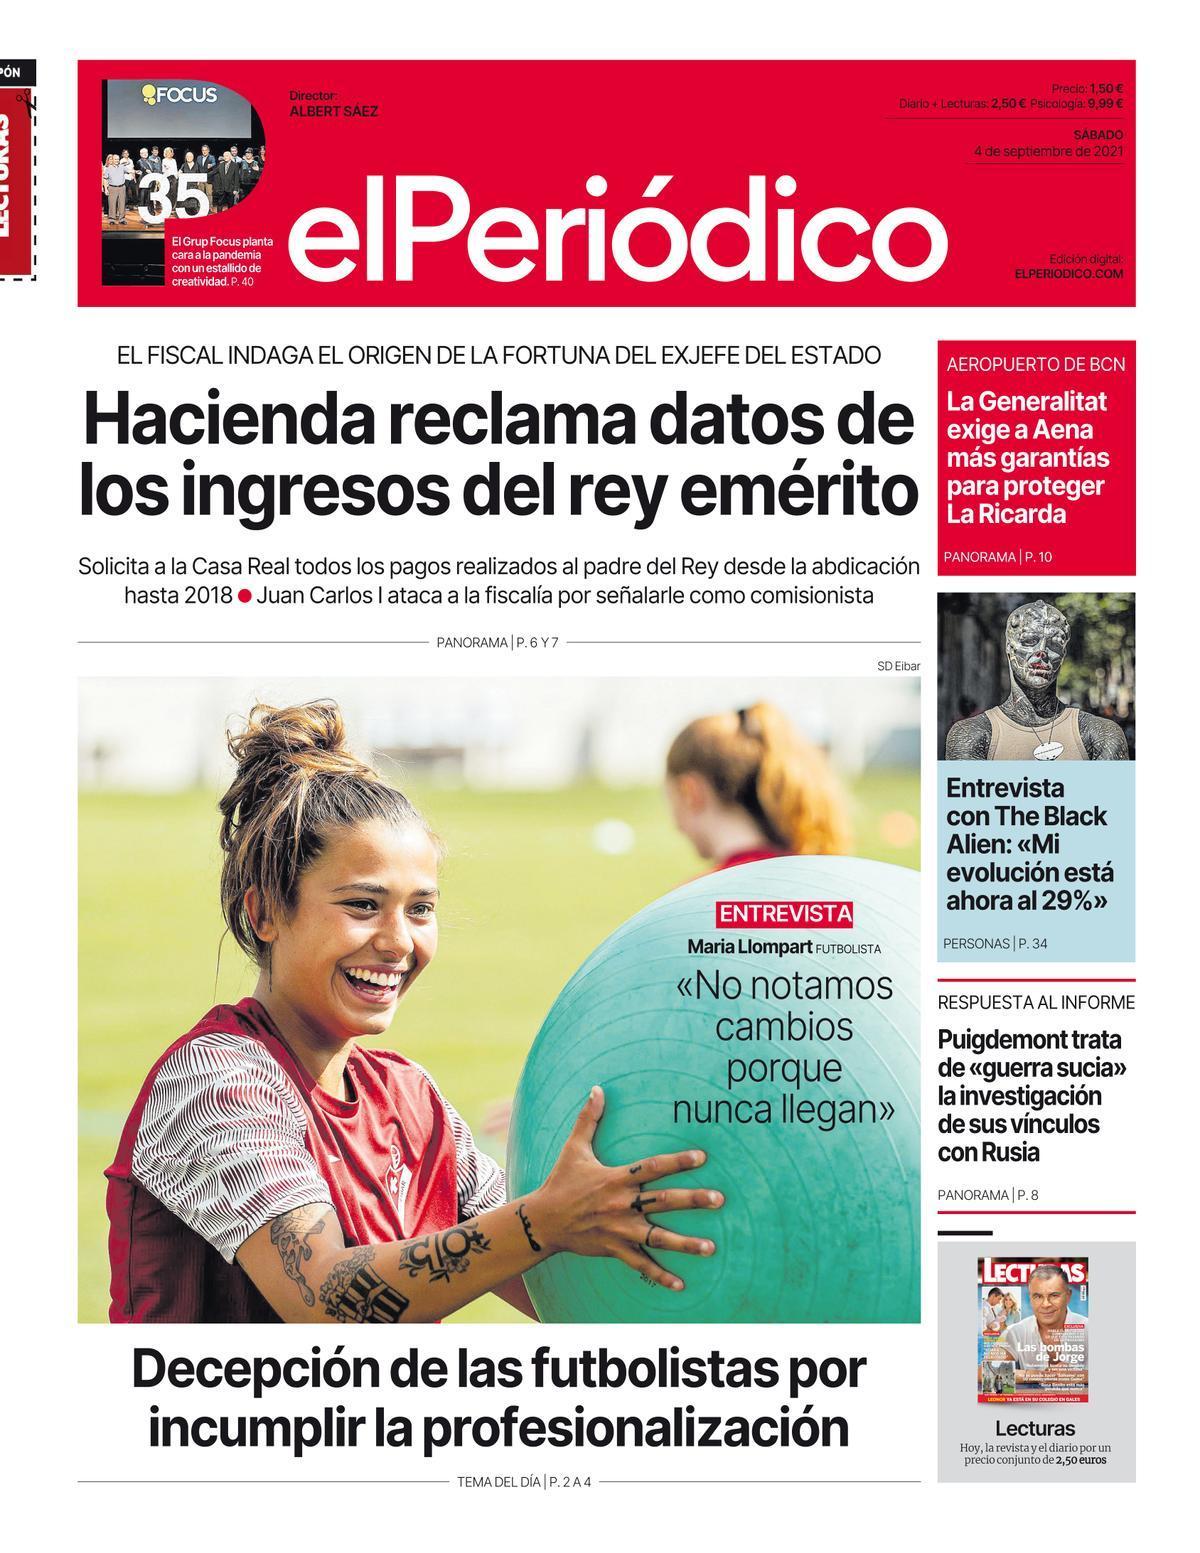 La portada de EL PERIÓDICO del 4 de septiembre de 2021